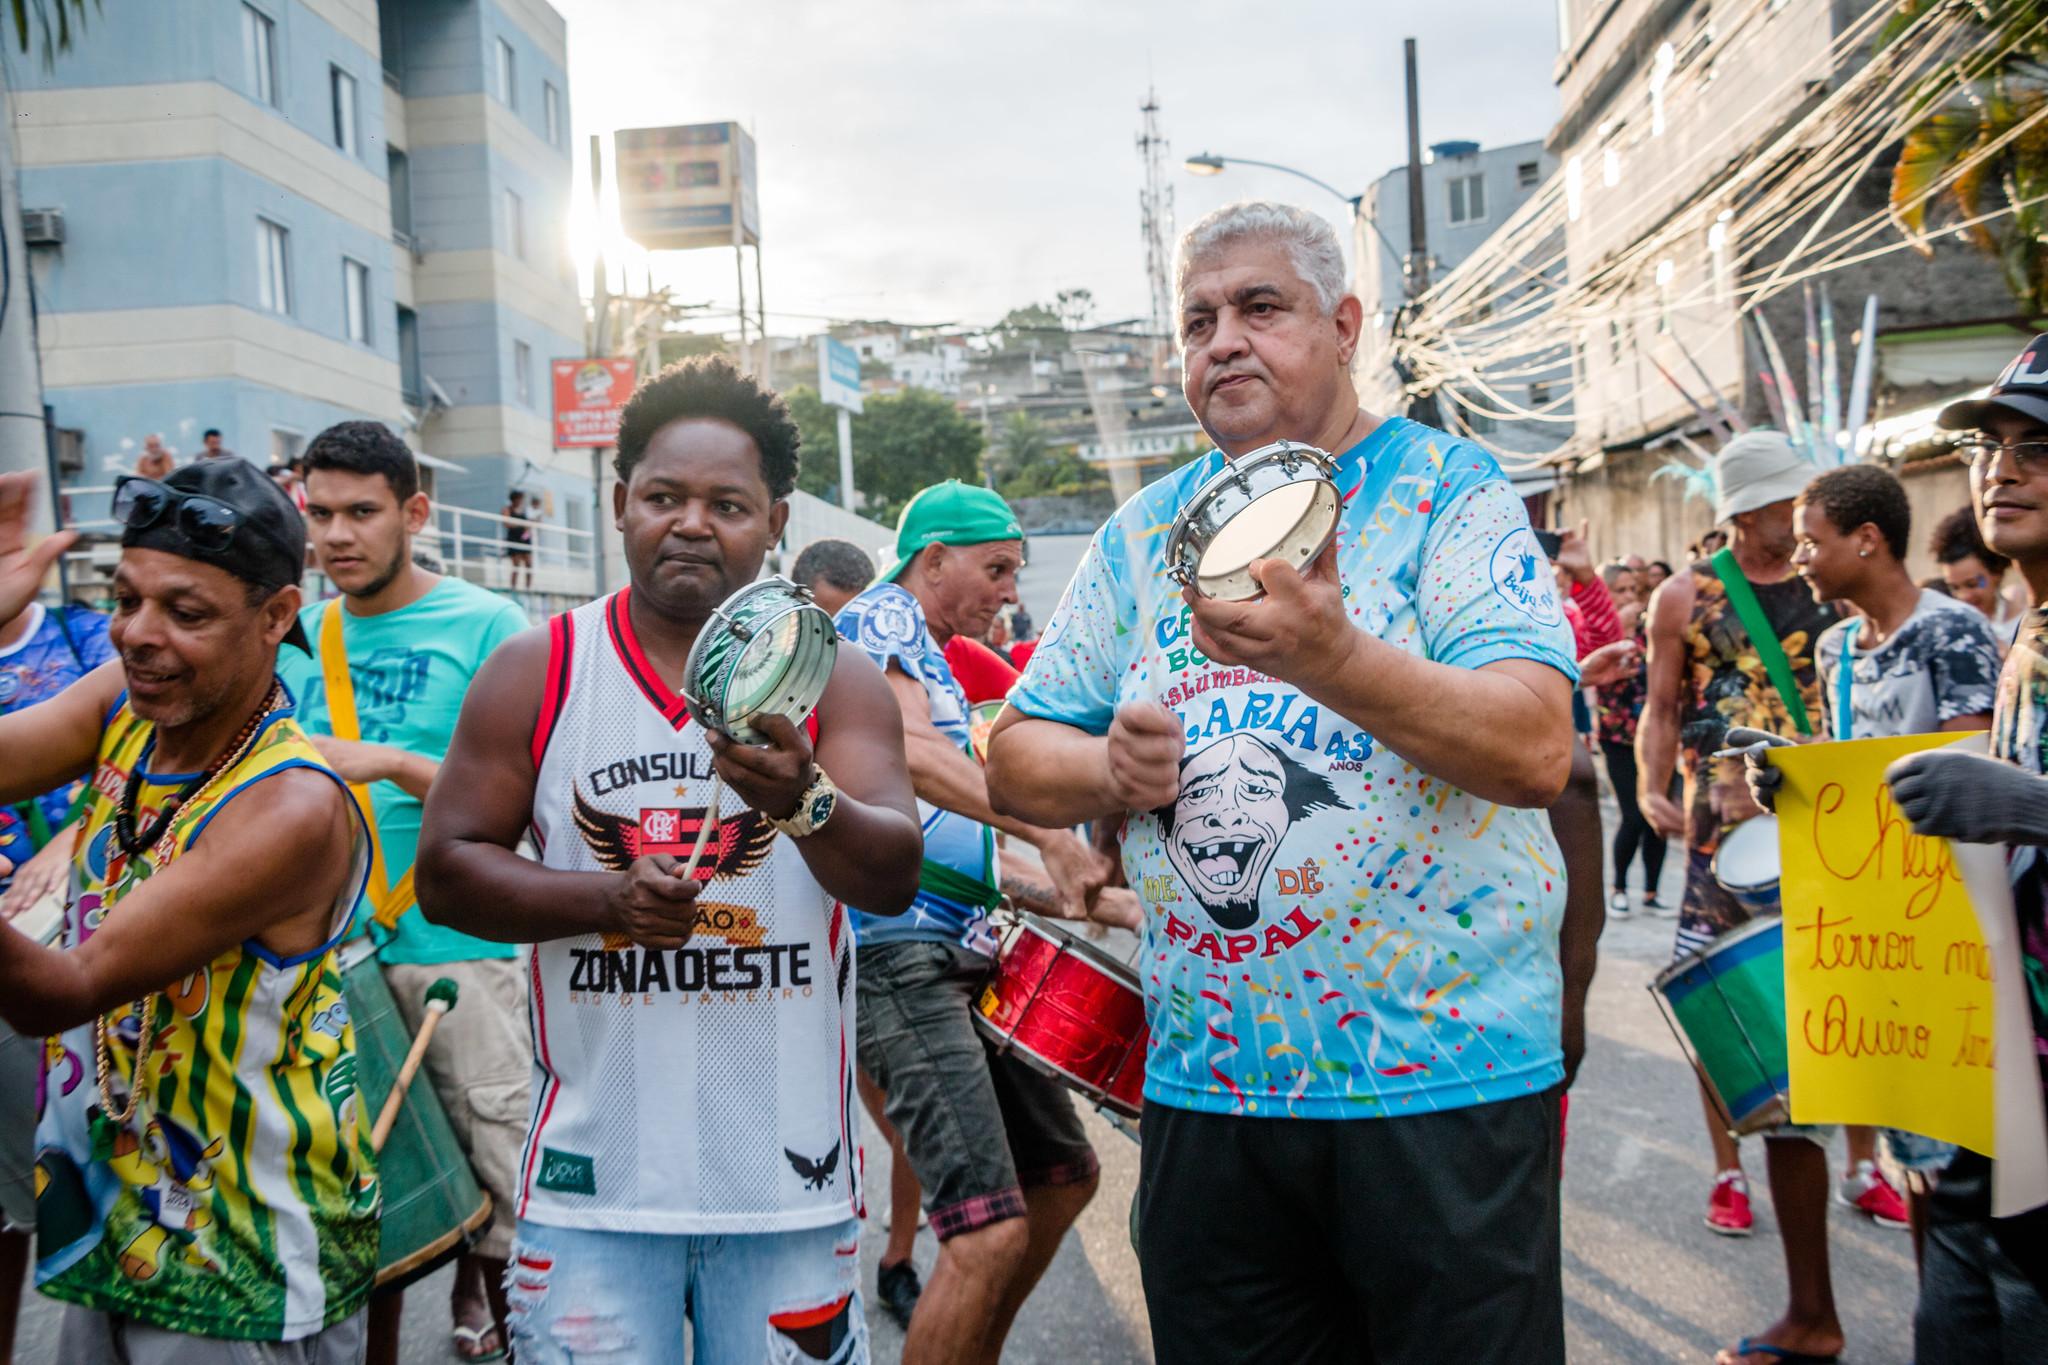 Museu do Samba vai selecionar e premiar ações de samba e hip-hop nas favelas